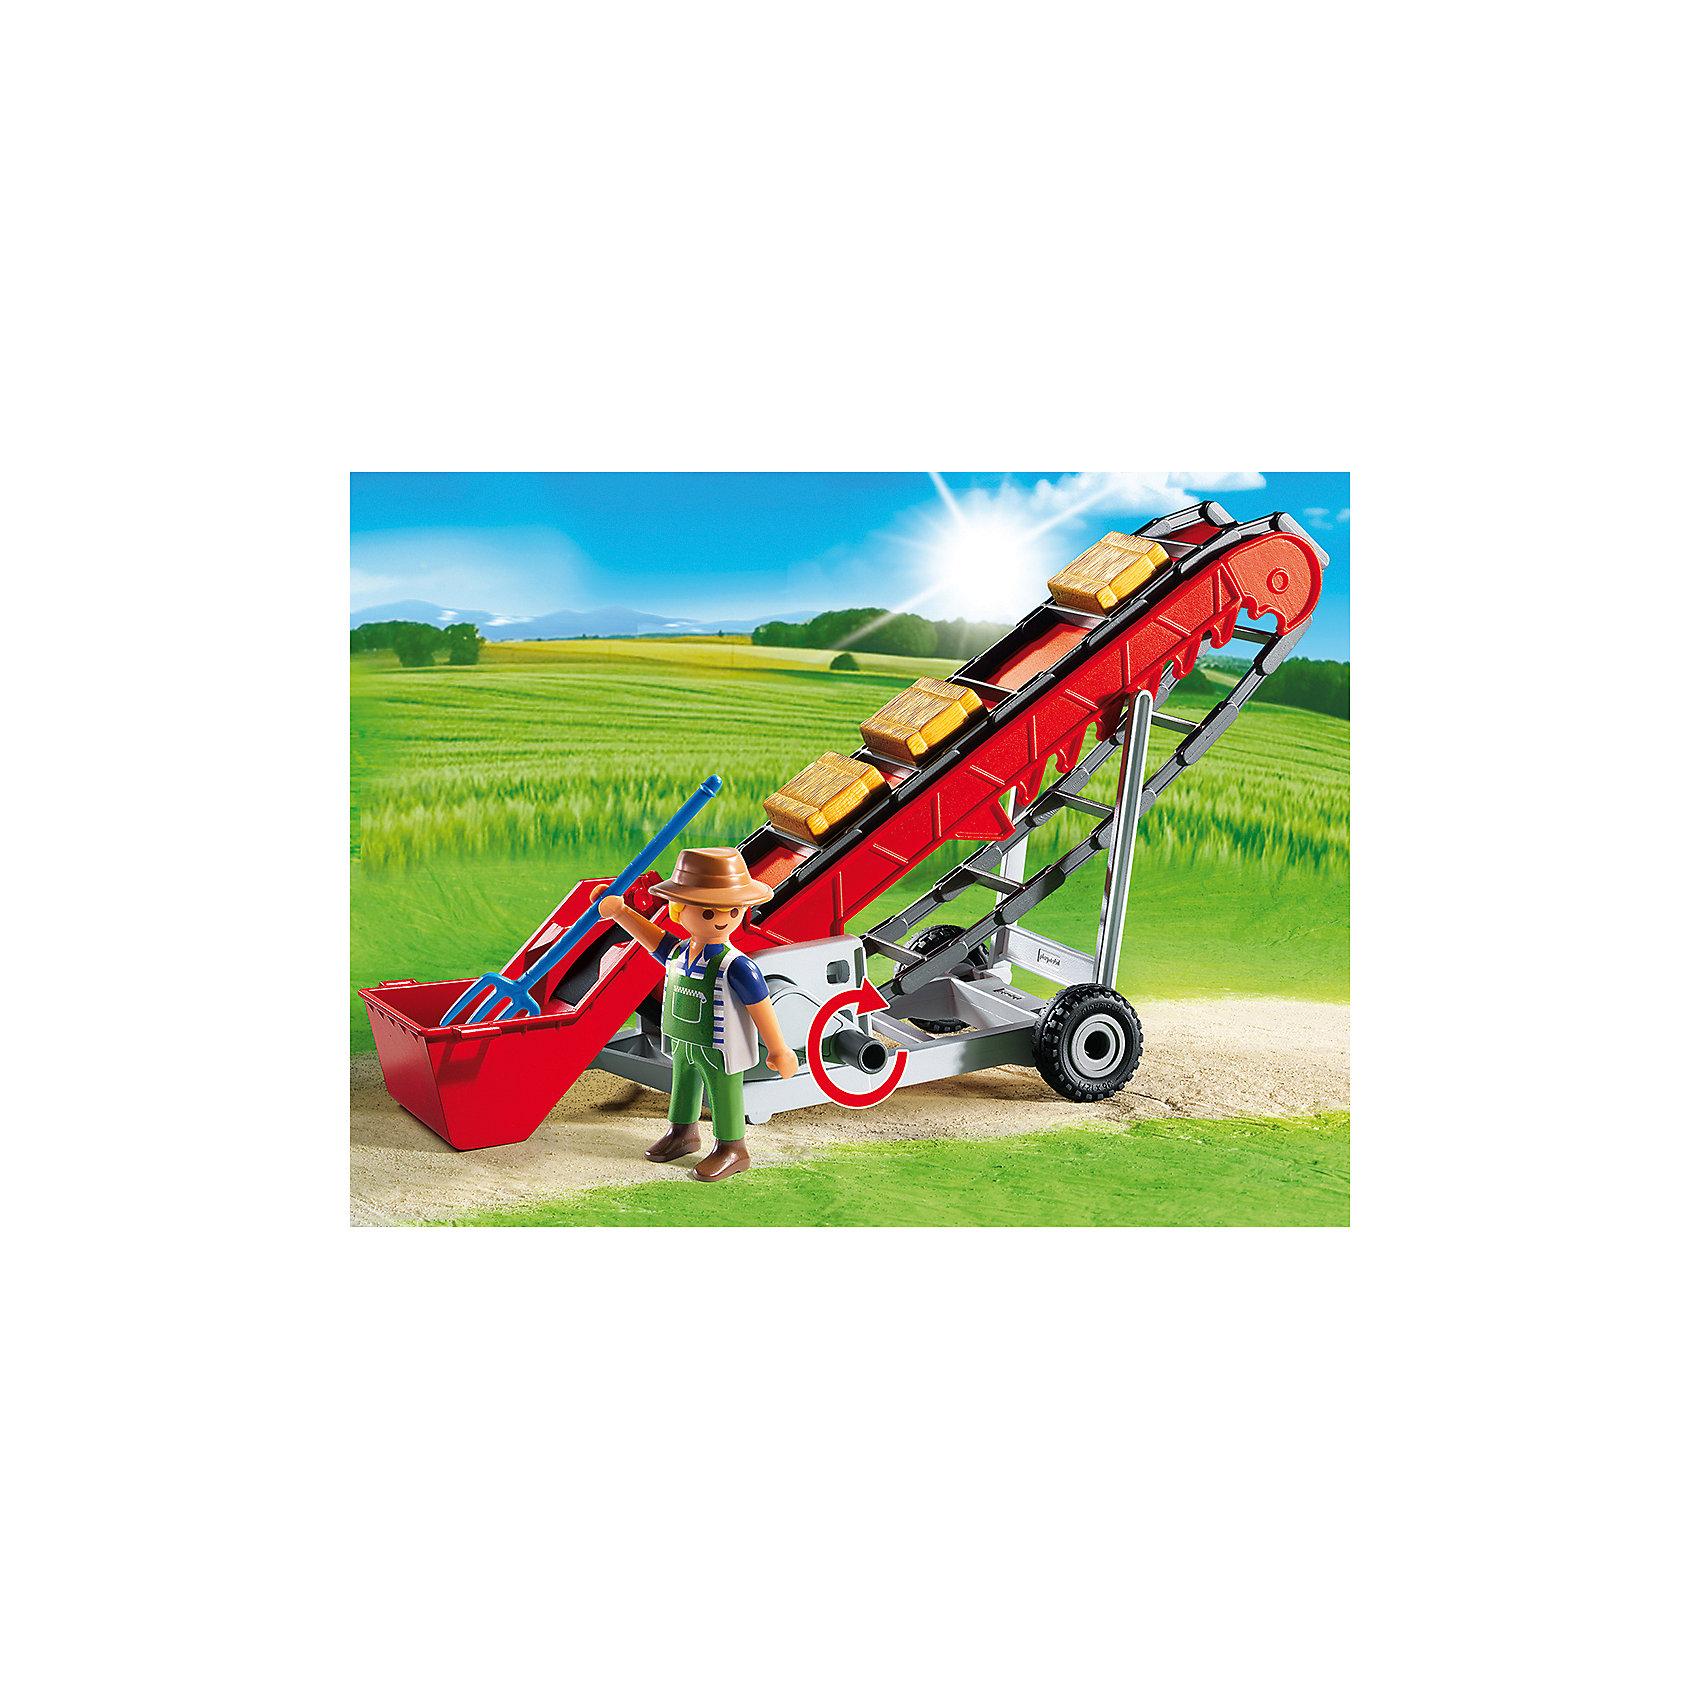 Мобильный ленточный конвейер, PLAYMOBILС помощью мобильного ленточного конвейера фермеры грузят урожай в грузовики. Конвейерная лента фиксируется в семи различных положениях. Управлять лентой можно с помощью рычага. Чтобы автоматизировать конвейерную ленту, можно использовать мотор (продаётся отдельно). В наборе также - фигурка рабочего и аксессуары. Фигурка имеет подвижные конечности, в руки можно вложить инструменты. Все детали прекрасно проработаны и выполнены из высококачественного экологичного пластика безопасного для детей. <br><br>Дополнительная информация:<br><br>- 1 фигурка в наборе. <br>- Комплектация: фигурка, конвейер, аксессуары. <br>- Материал: пластик.<br>- Размер упаковки: 26х19х10 см.<br>- Высота фигурки: 7,5 см.<br>- Голова, руки, ноги у фигурки подвижные.<br><br>Мобильный ленточный конвейер, PLAYMOBIL (Плеймобил), можно купить в нашем магазине.<br><br>Ширина мм: 254<br>Глубина мм: 192<br>Высота мм: 99<br>Вес г: 381<br>Возраст от месяцев: 48<br>Возраст до месяцев: 120<br>Пол: Унисекс<br>Возраст: Детский<br>SKU: 3786398